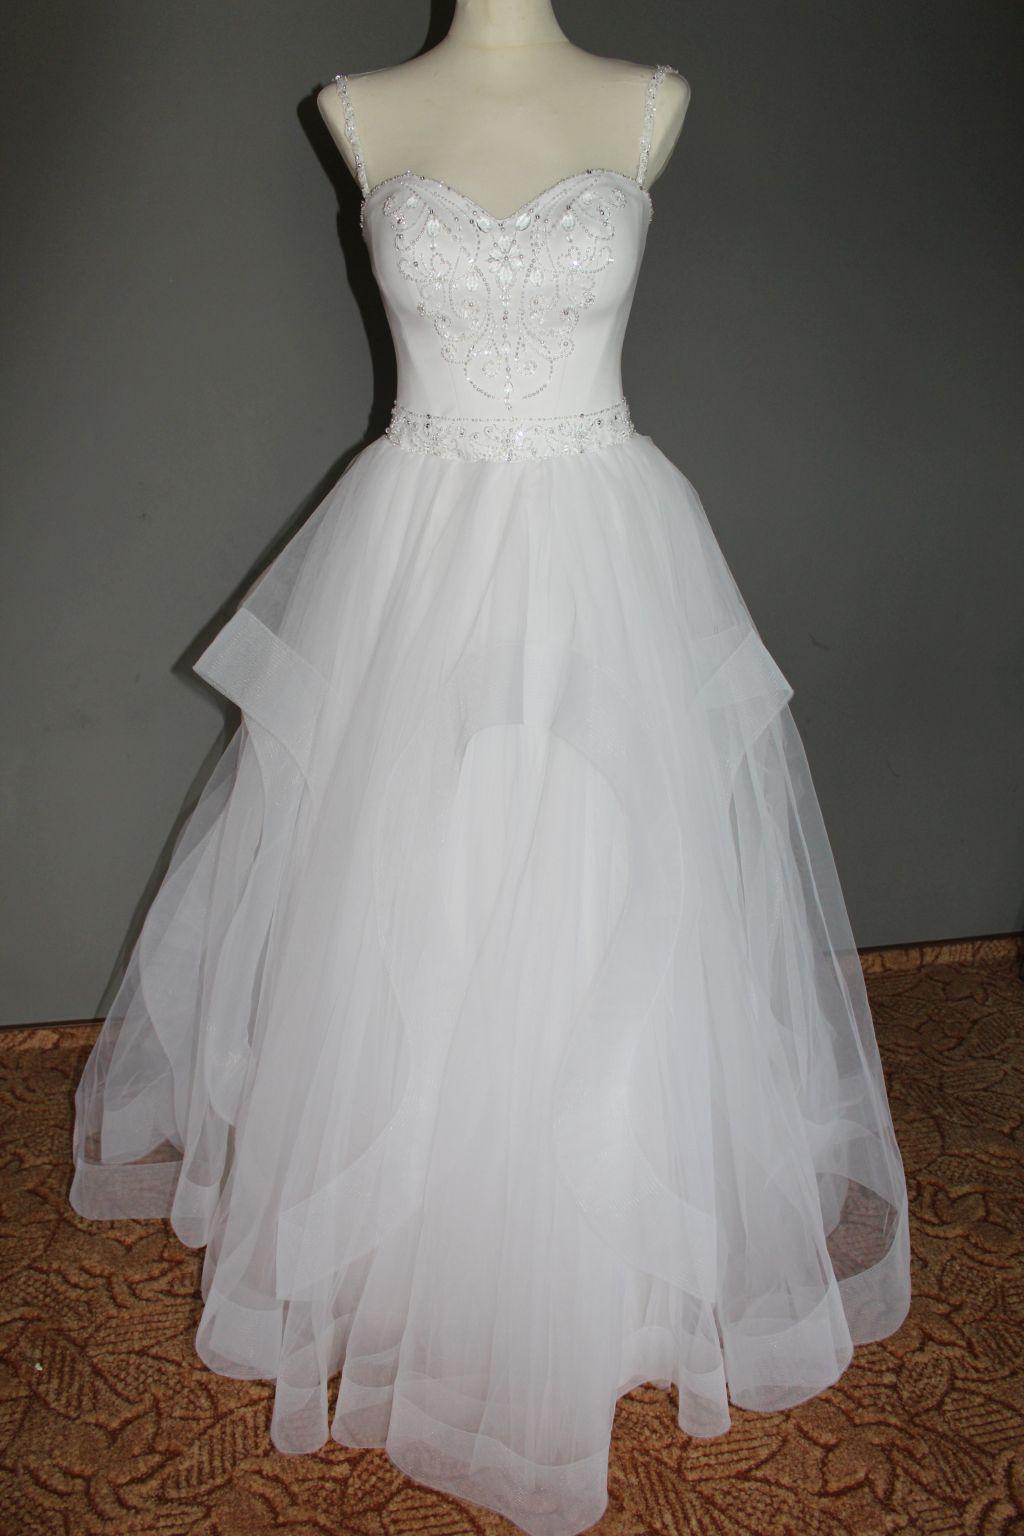 Suknia ślubna R 38 Piękna Efekt Motyla Cudo 7192447928 Oficjalne